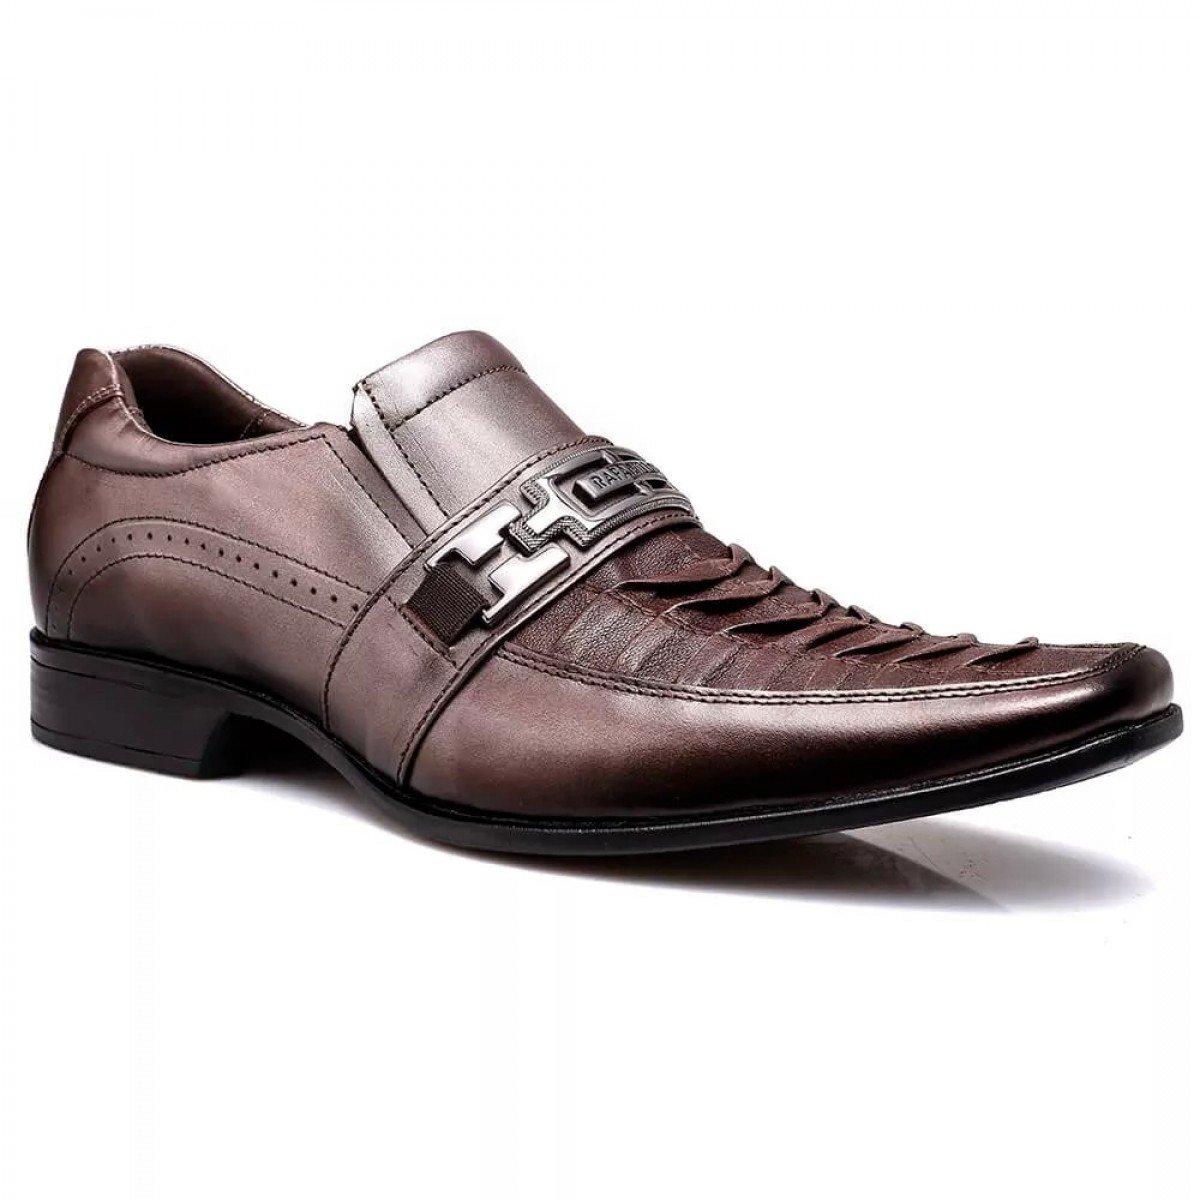 31b4daff7fdd0 Sapato Social Masculino Rafarillo Conforto Couro Castanho - Compre ...